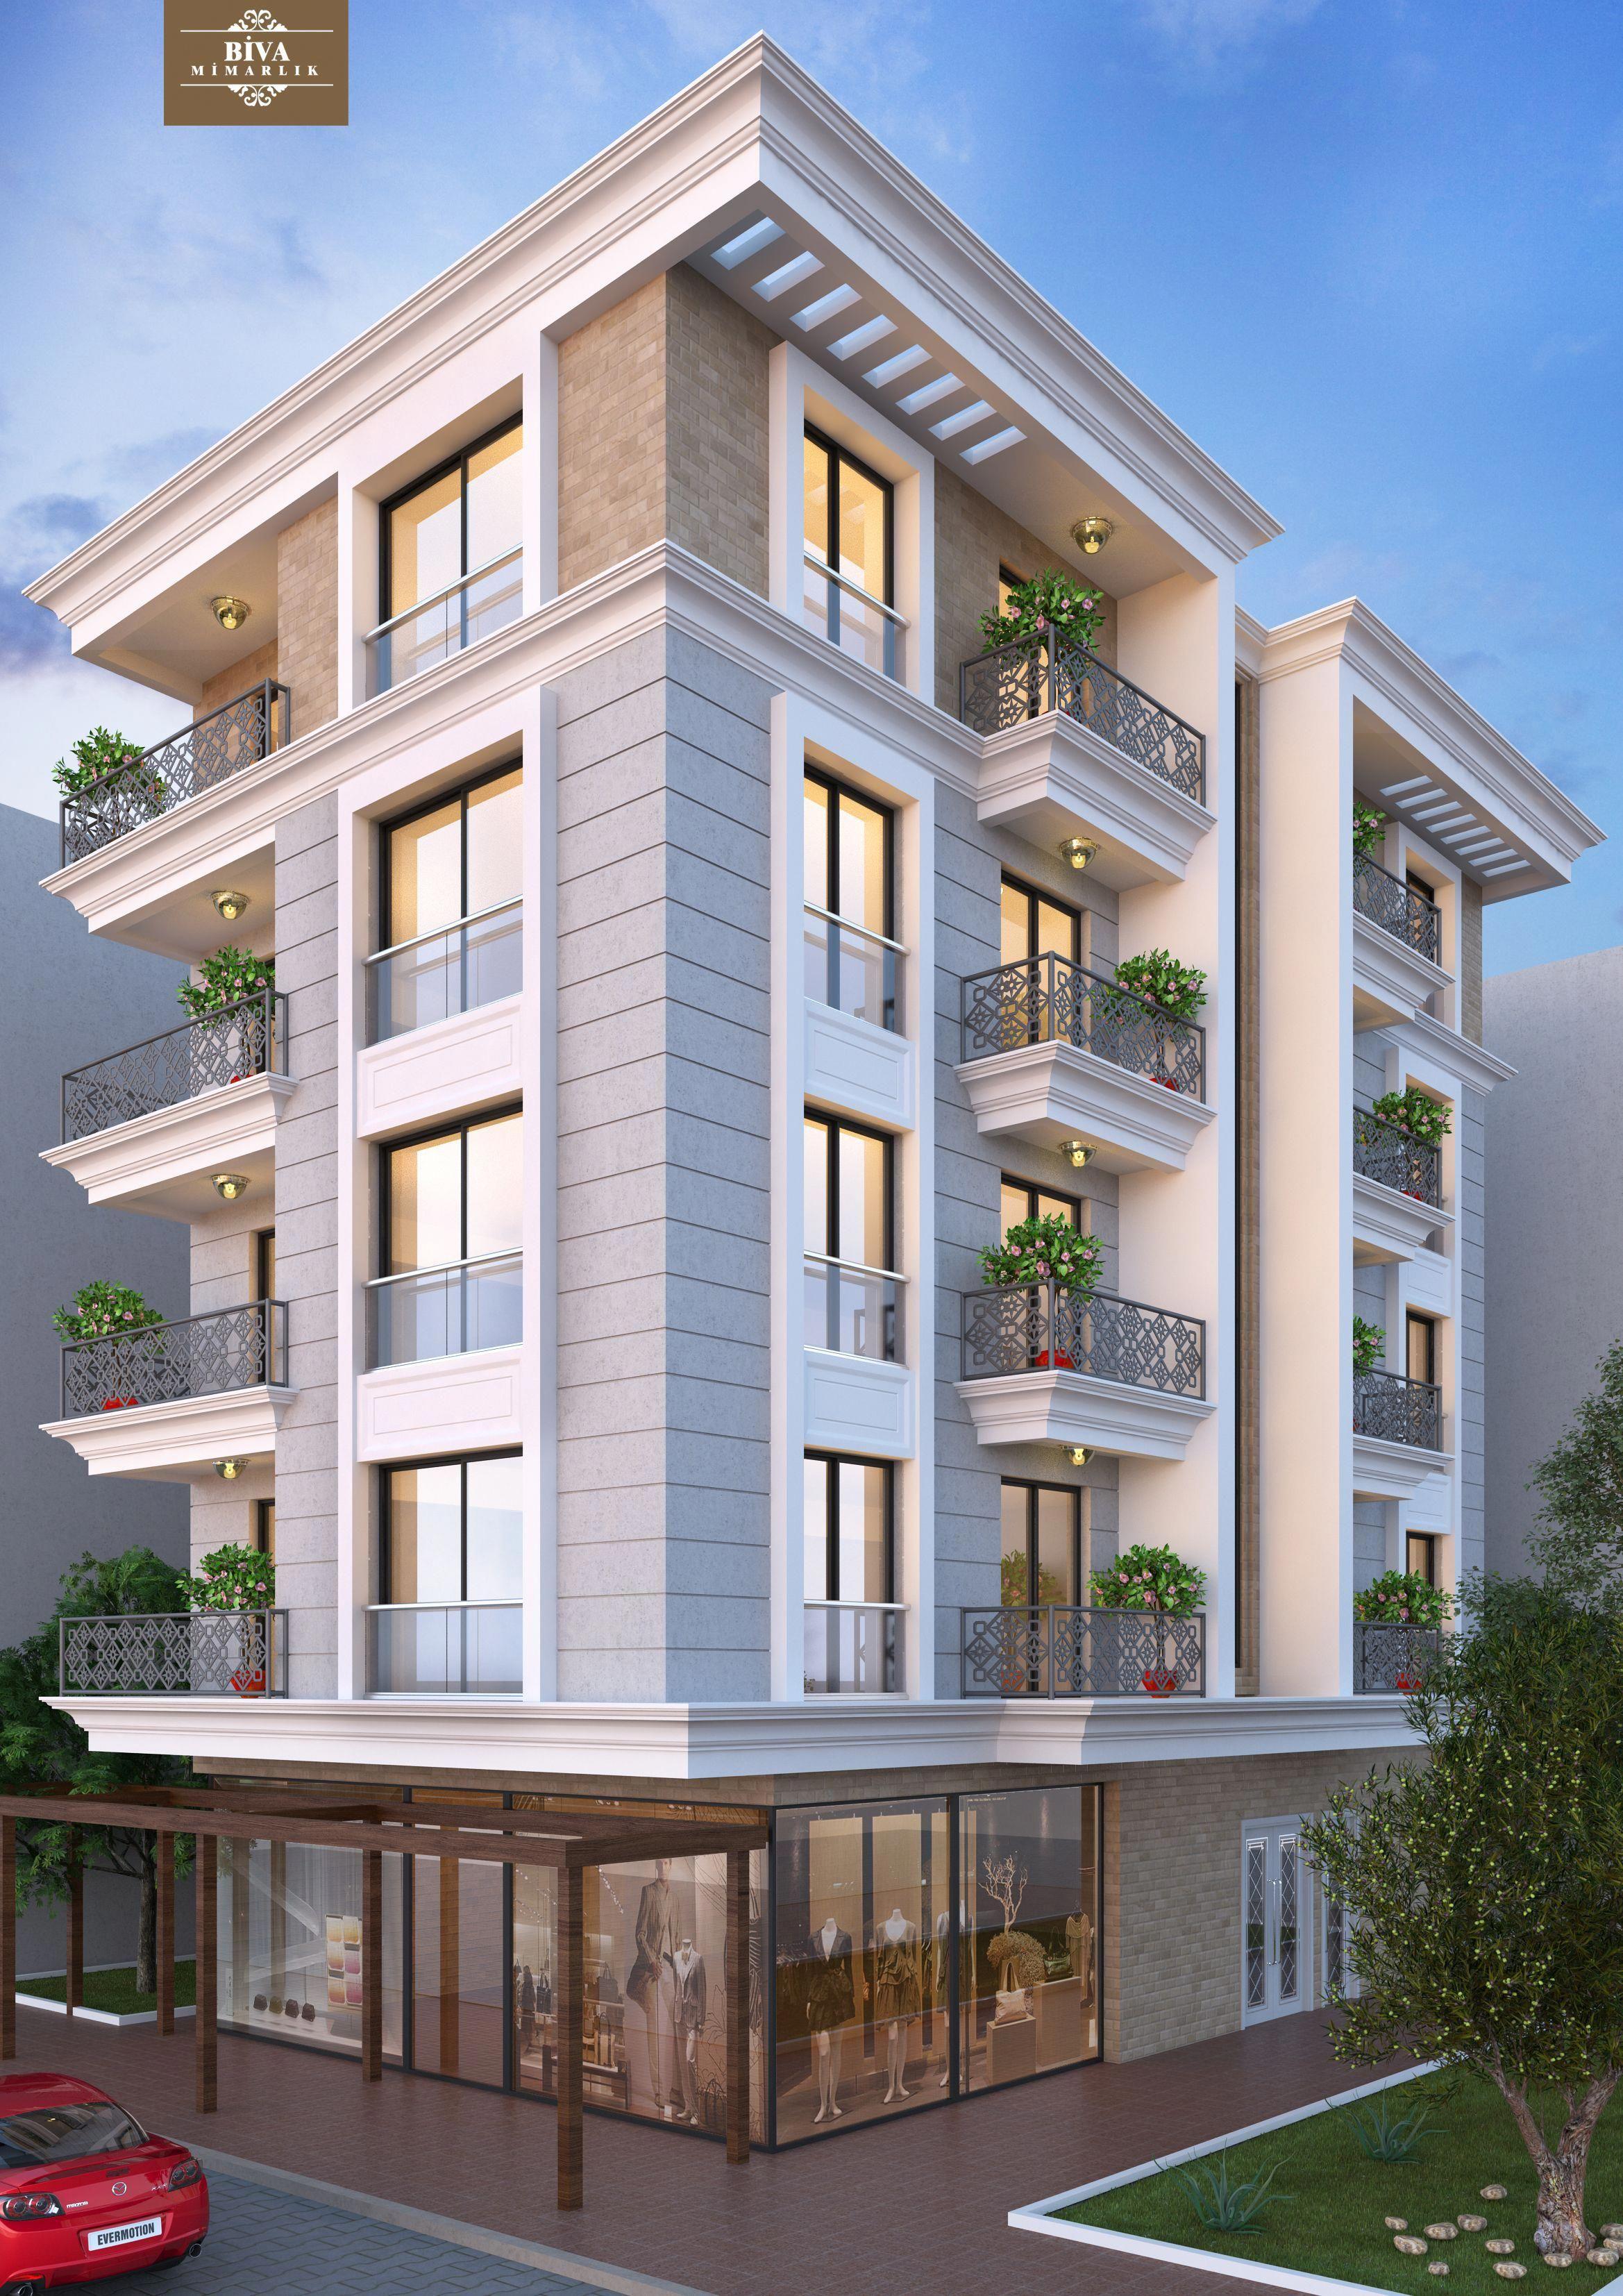 Cephe Tasarimi Exteriordesignapartment Modern Architecture